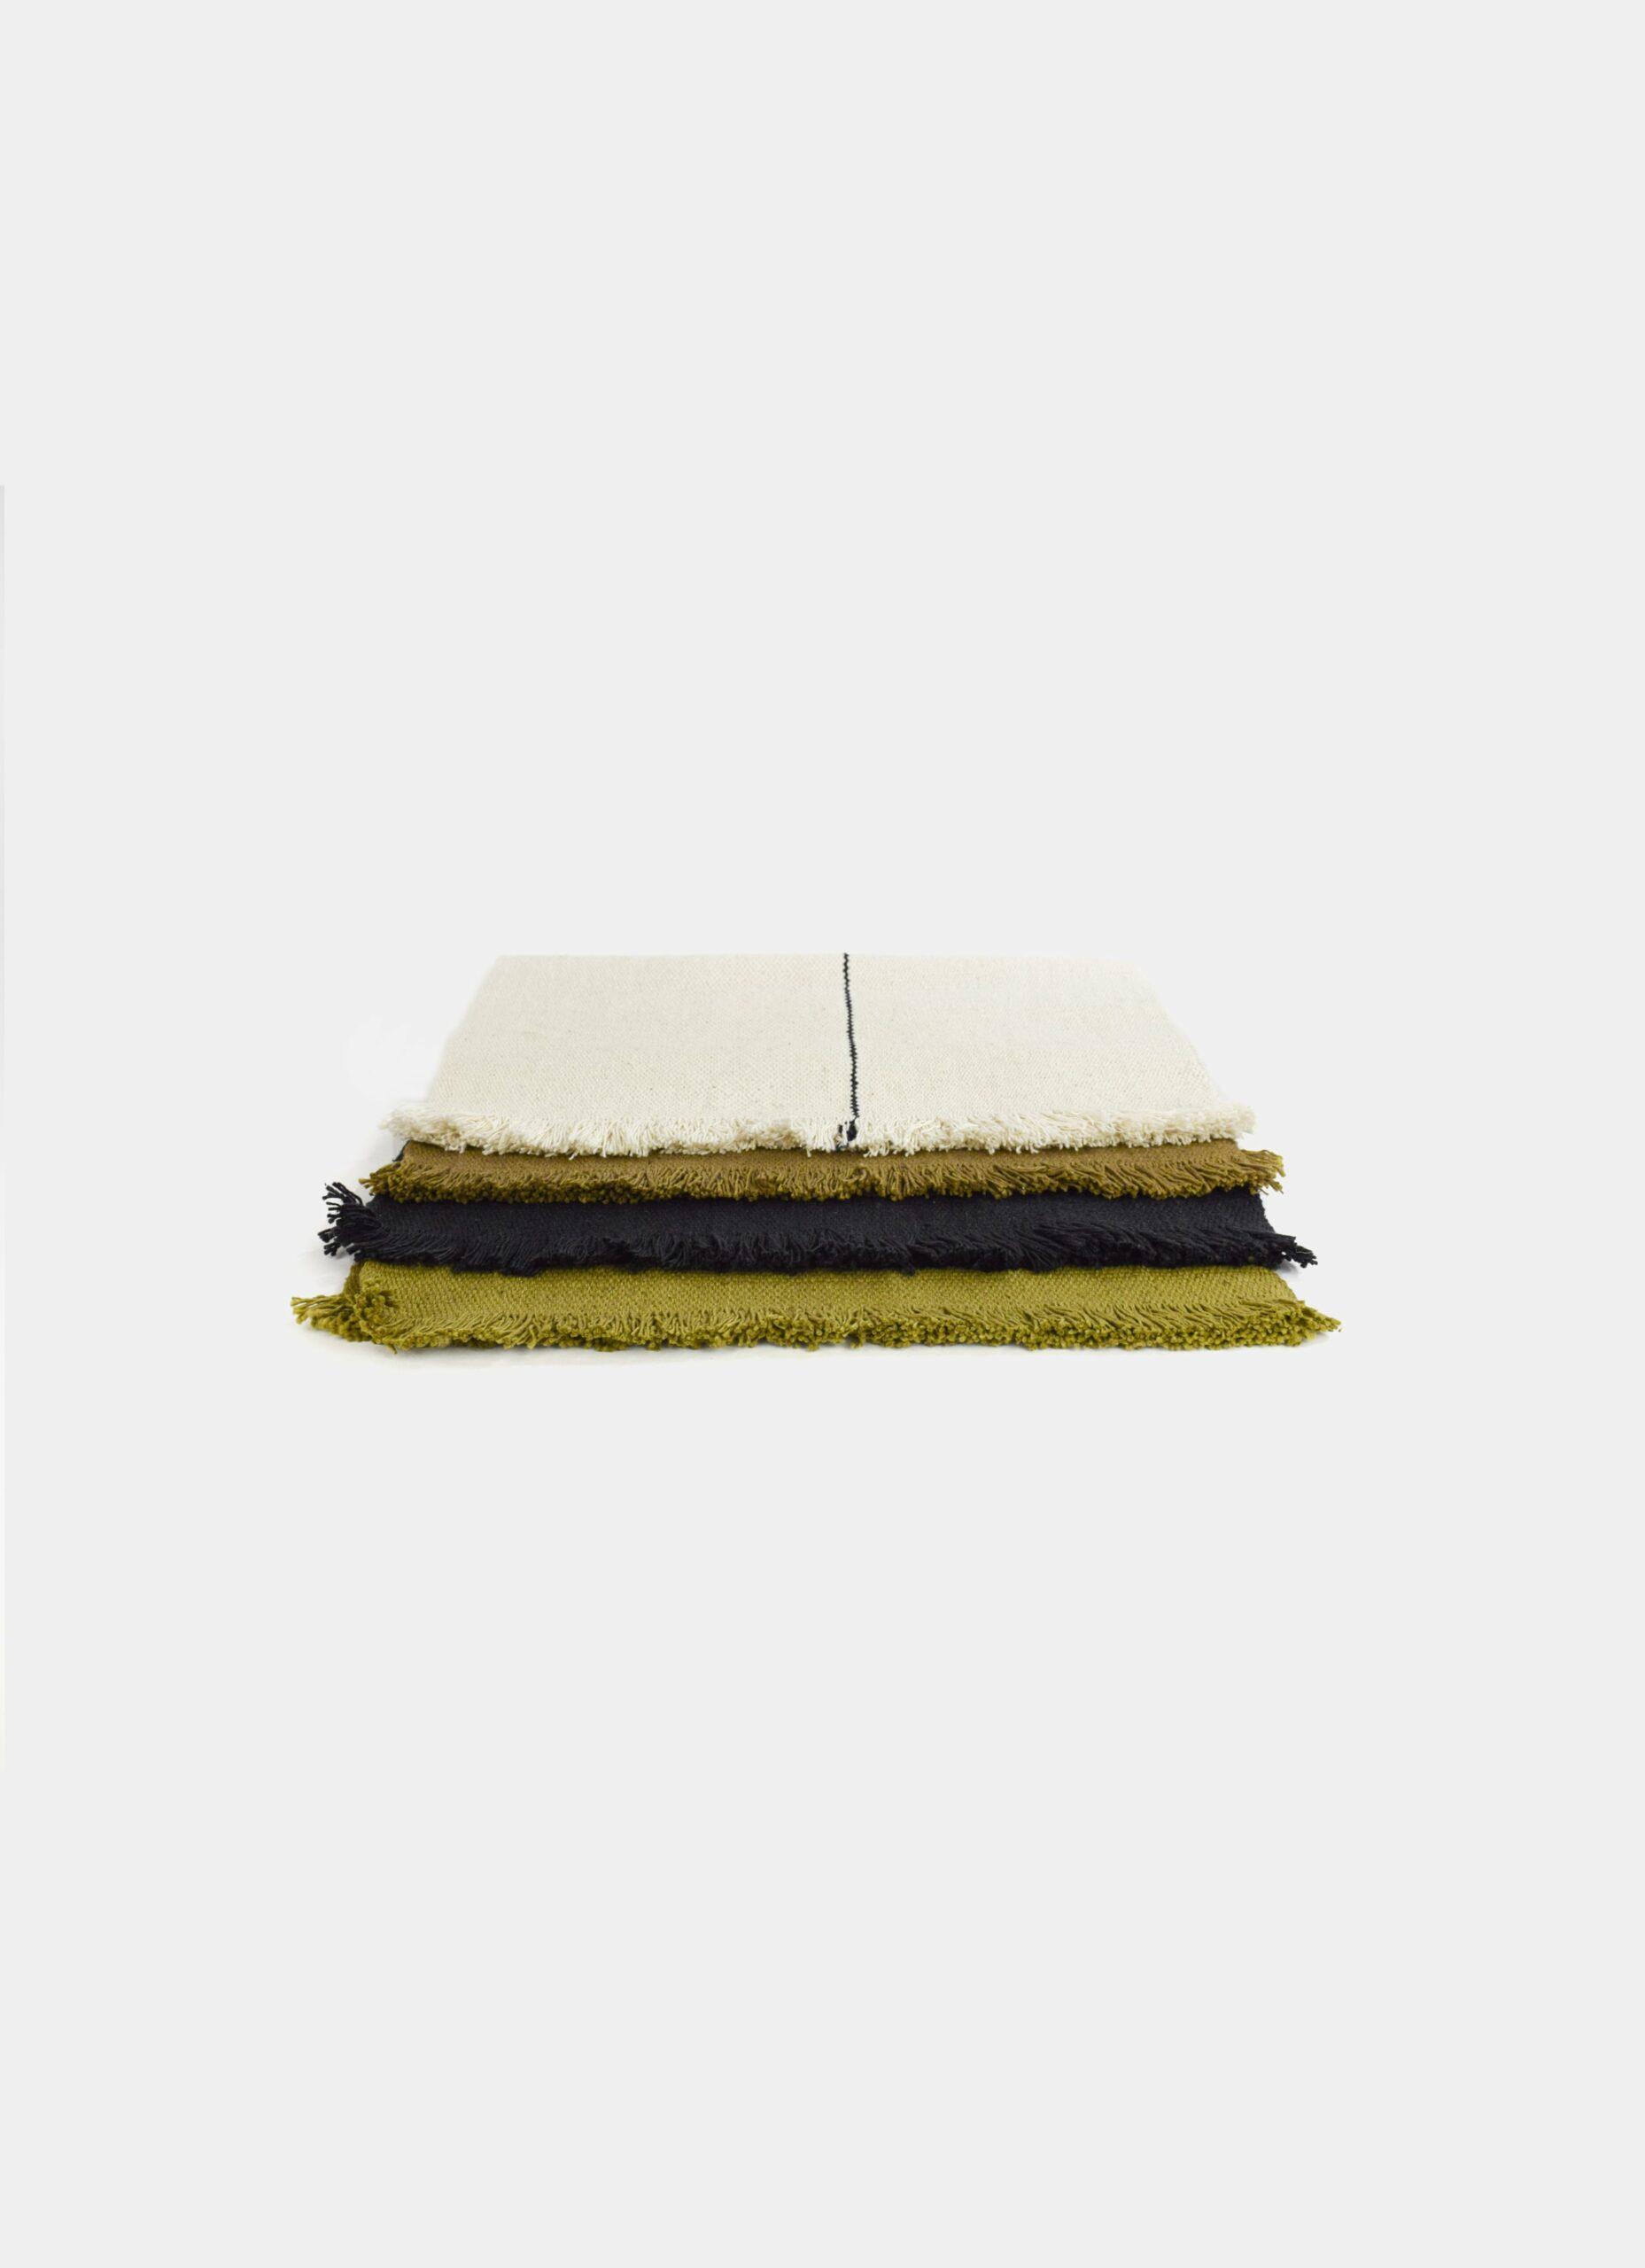 Que onda vos - Buen Provecho - Handwoven Placemat - various colors - 35 x 50cm